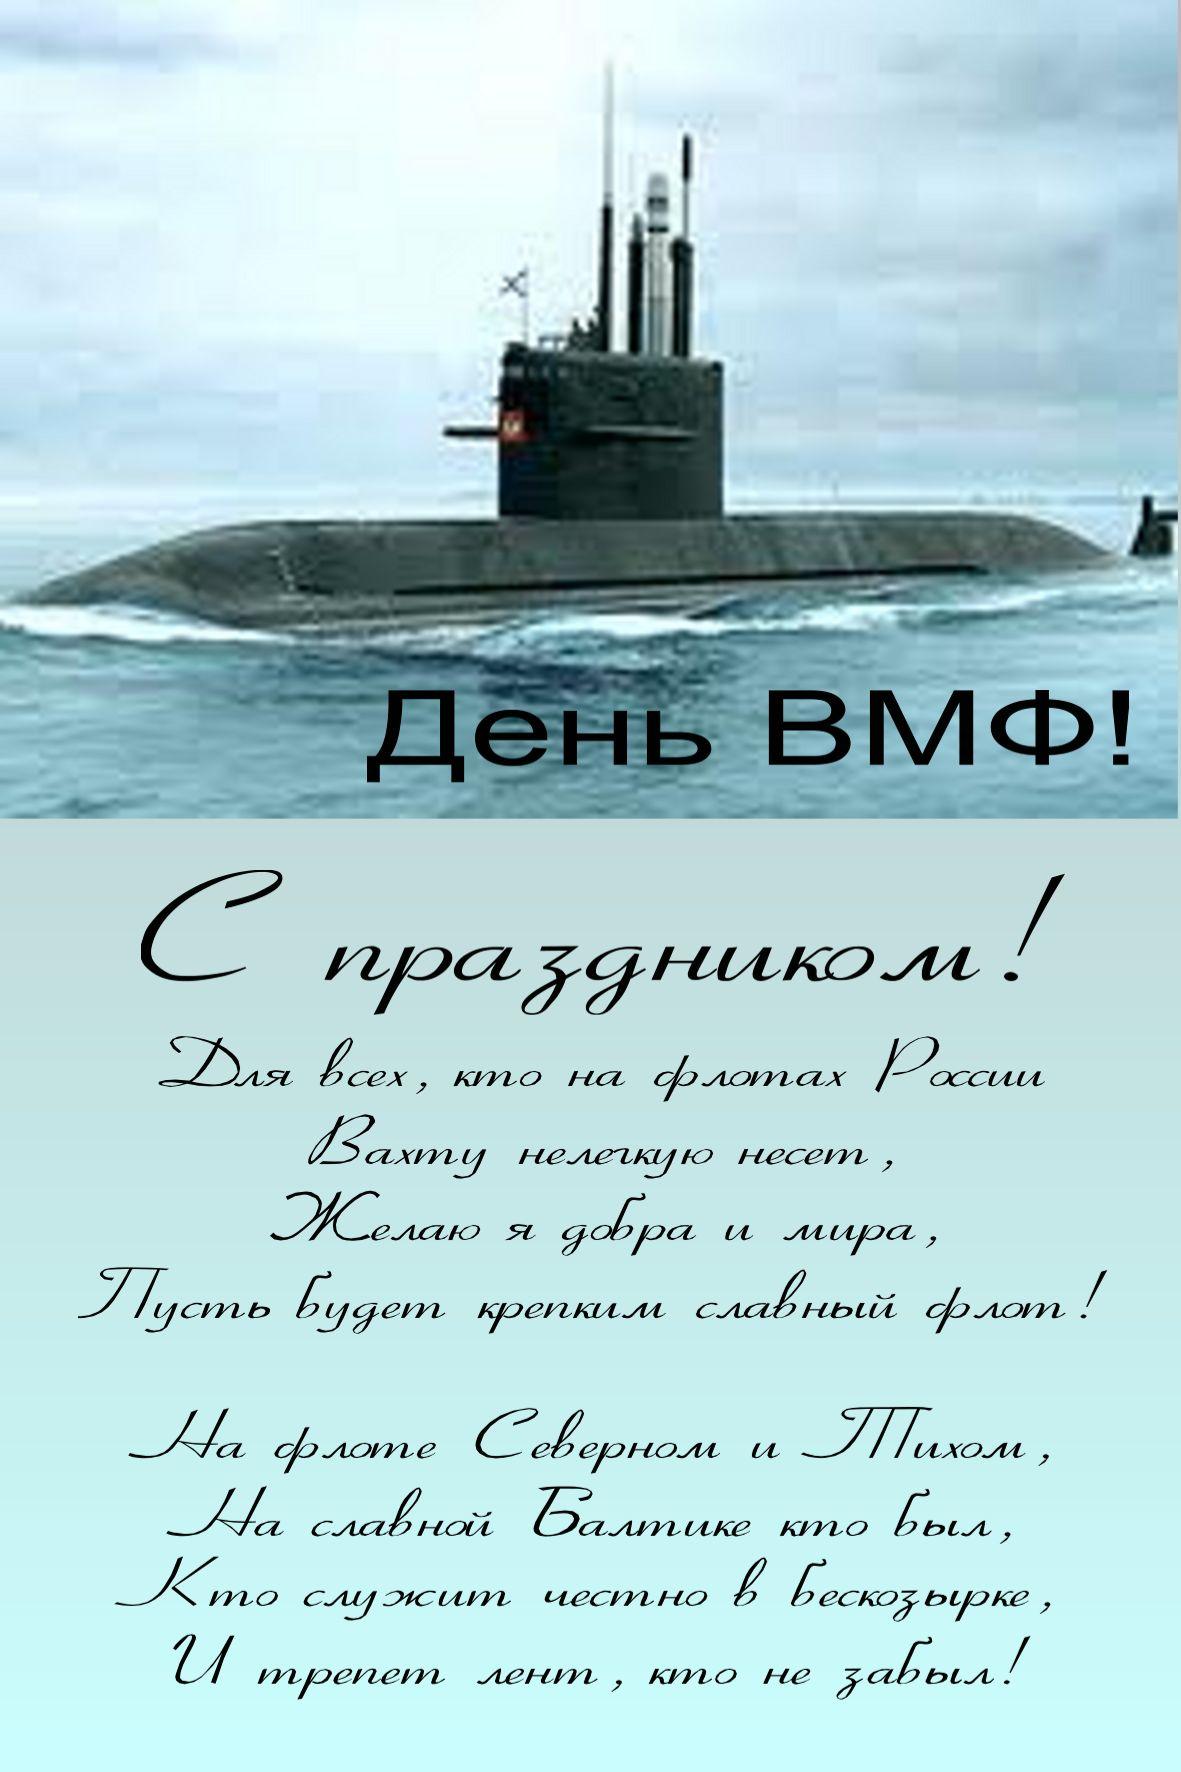 Открытка. Поздравляю с днем ВМФ! Представителей всех флотов - с праздником!